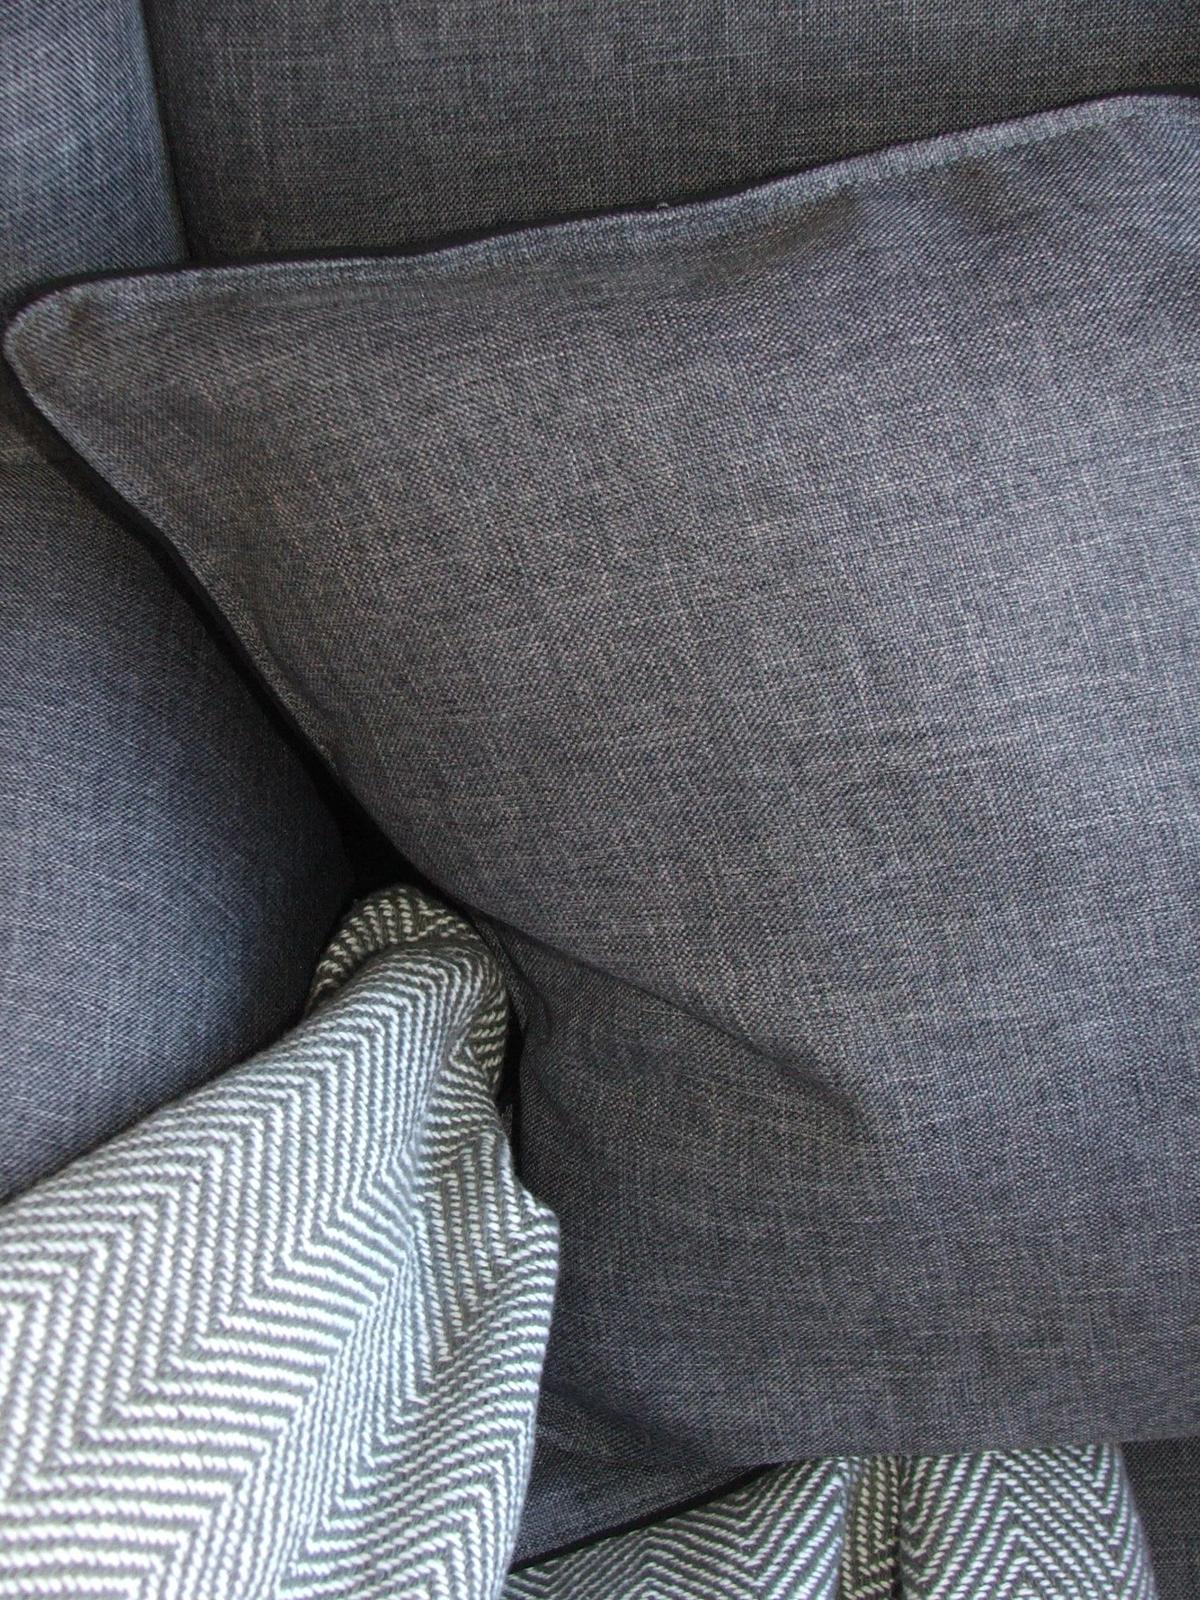 Domov - nový vankúš z látky čo zostala z tapacírovania lavice